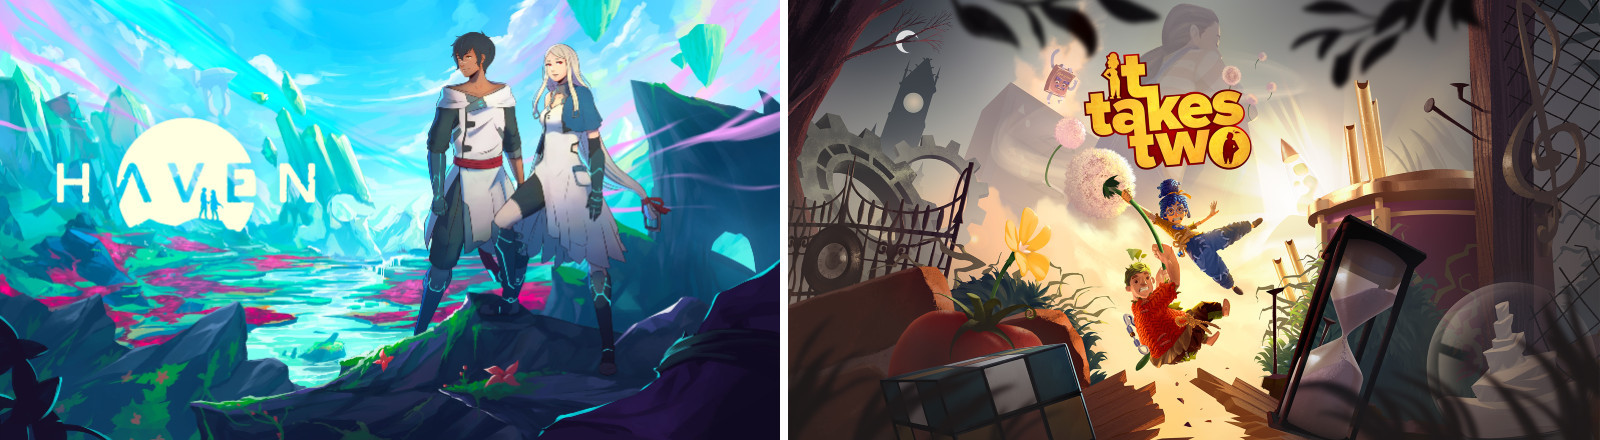 """Grafik der Games """"Haven"""" von The Game Bakers und """"It takes Two"""" von Hazelight und EA"""